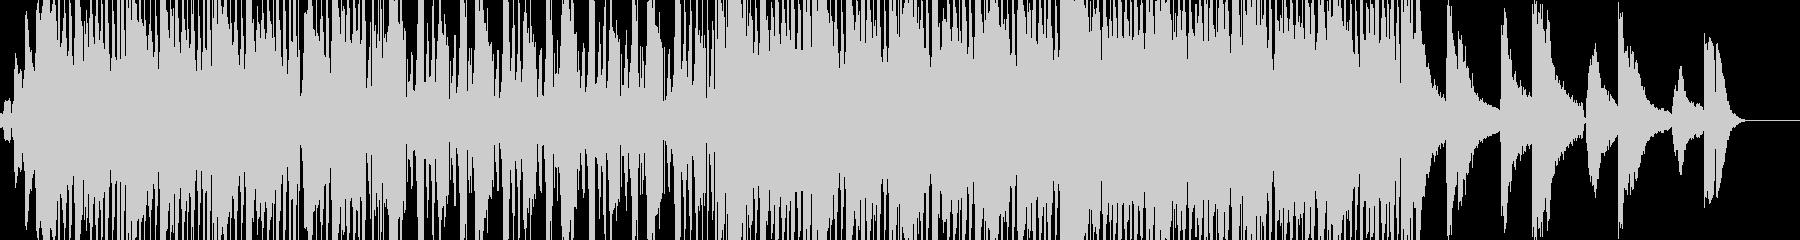 レトロ ゆっくり 魅惑 ファンタジ...の未再生の波形